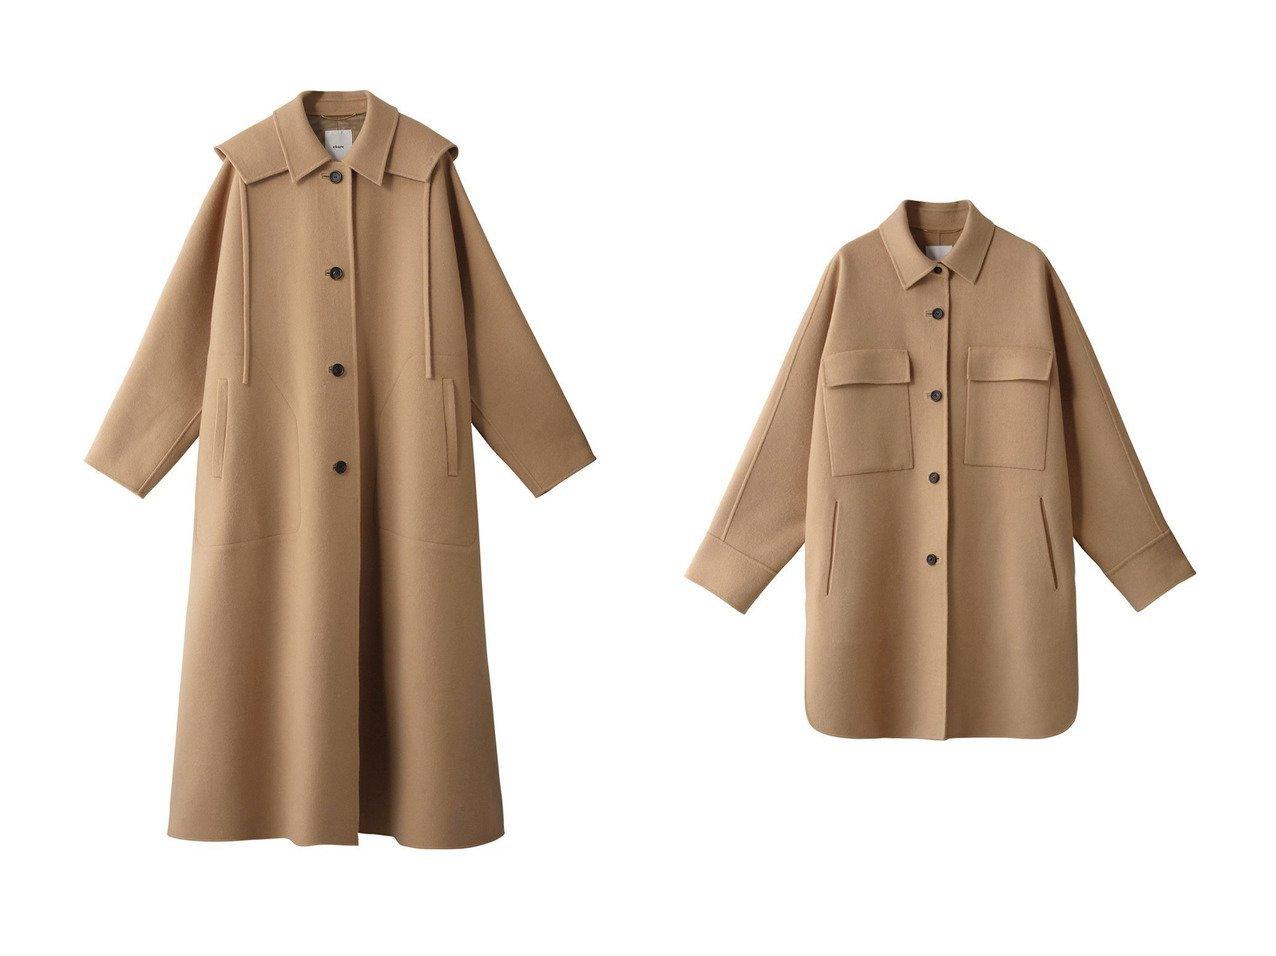 【ebure/エブール】のジロンラムメルトン ステンカラーフーデットコート&ジロンラムメルトン オーバージャケット 【アウター】おすすめ!人気、トレンド・レディースファッションの通販 おすすめで人気の流行・トレンド、ファッションの通販商品 インテリア・家具・メンズファッション・キッズファッション・レディースファッション・服の通販 founy(ファニー) https://founy.com/ ファッション Fashion レディースファッション WOMEN アウター Coat Outerwear コート Coats ジャケット Jackets 2020年 2020 2020-2021秋冬・A/W AW・Autumn/Winter・FW・Fall-Winter/2020-2021 2021年 2021 2021-2022秋冬・A/W AW・Autumn/Winter・FW・Fall-Winter・2021-2022 A/W・秋冬 AW・Autumn/Winter・FW・Fall-Winter なめらか カシミヤ シンプル ドレス メルトン ロング ジャケット  ID:crp329100000058635